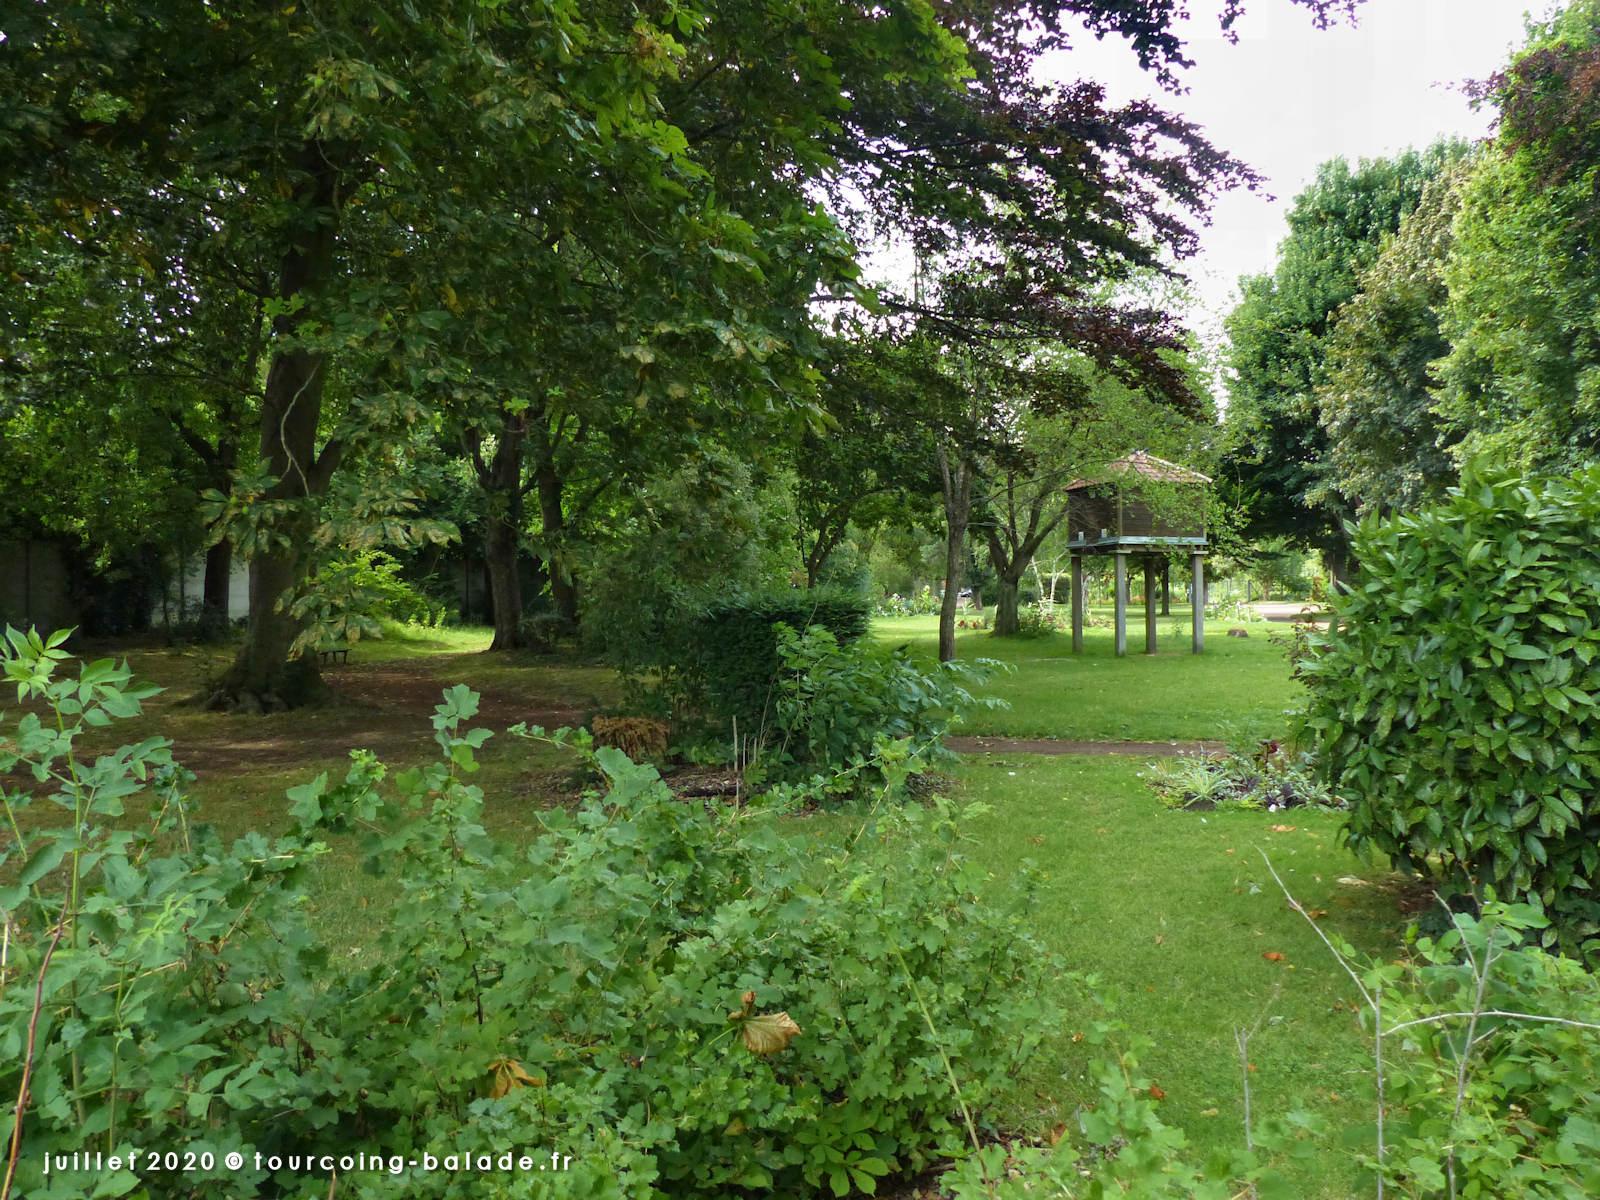 Parcs et Jardins Tourcoing - Square Alexis Parsy, 2020